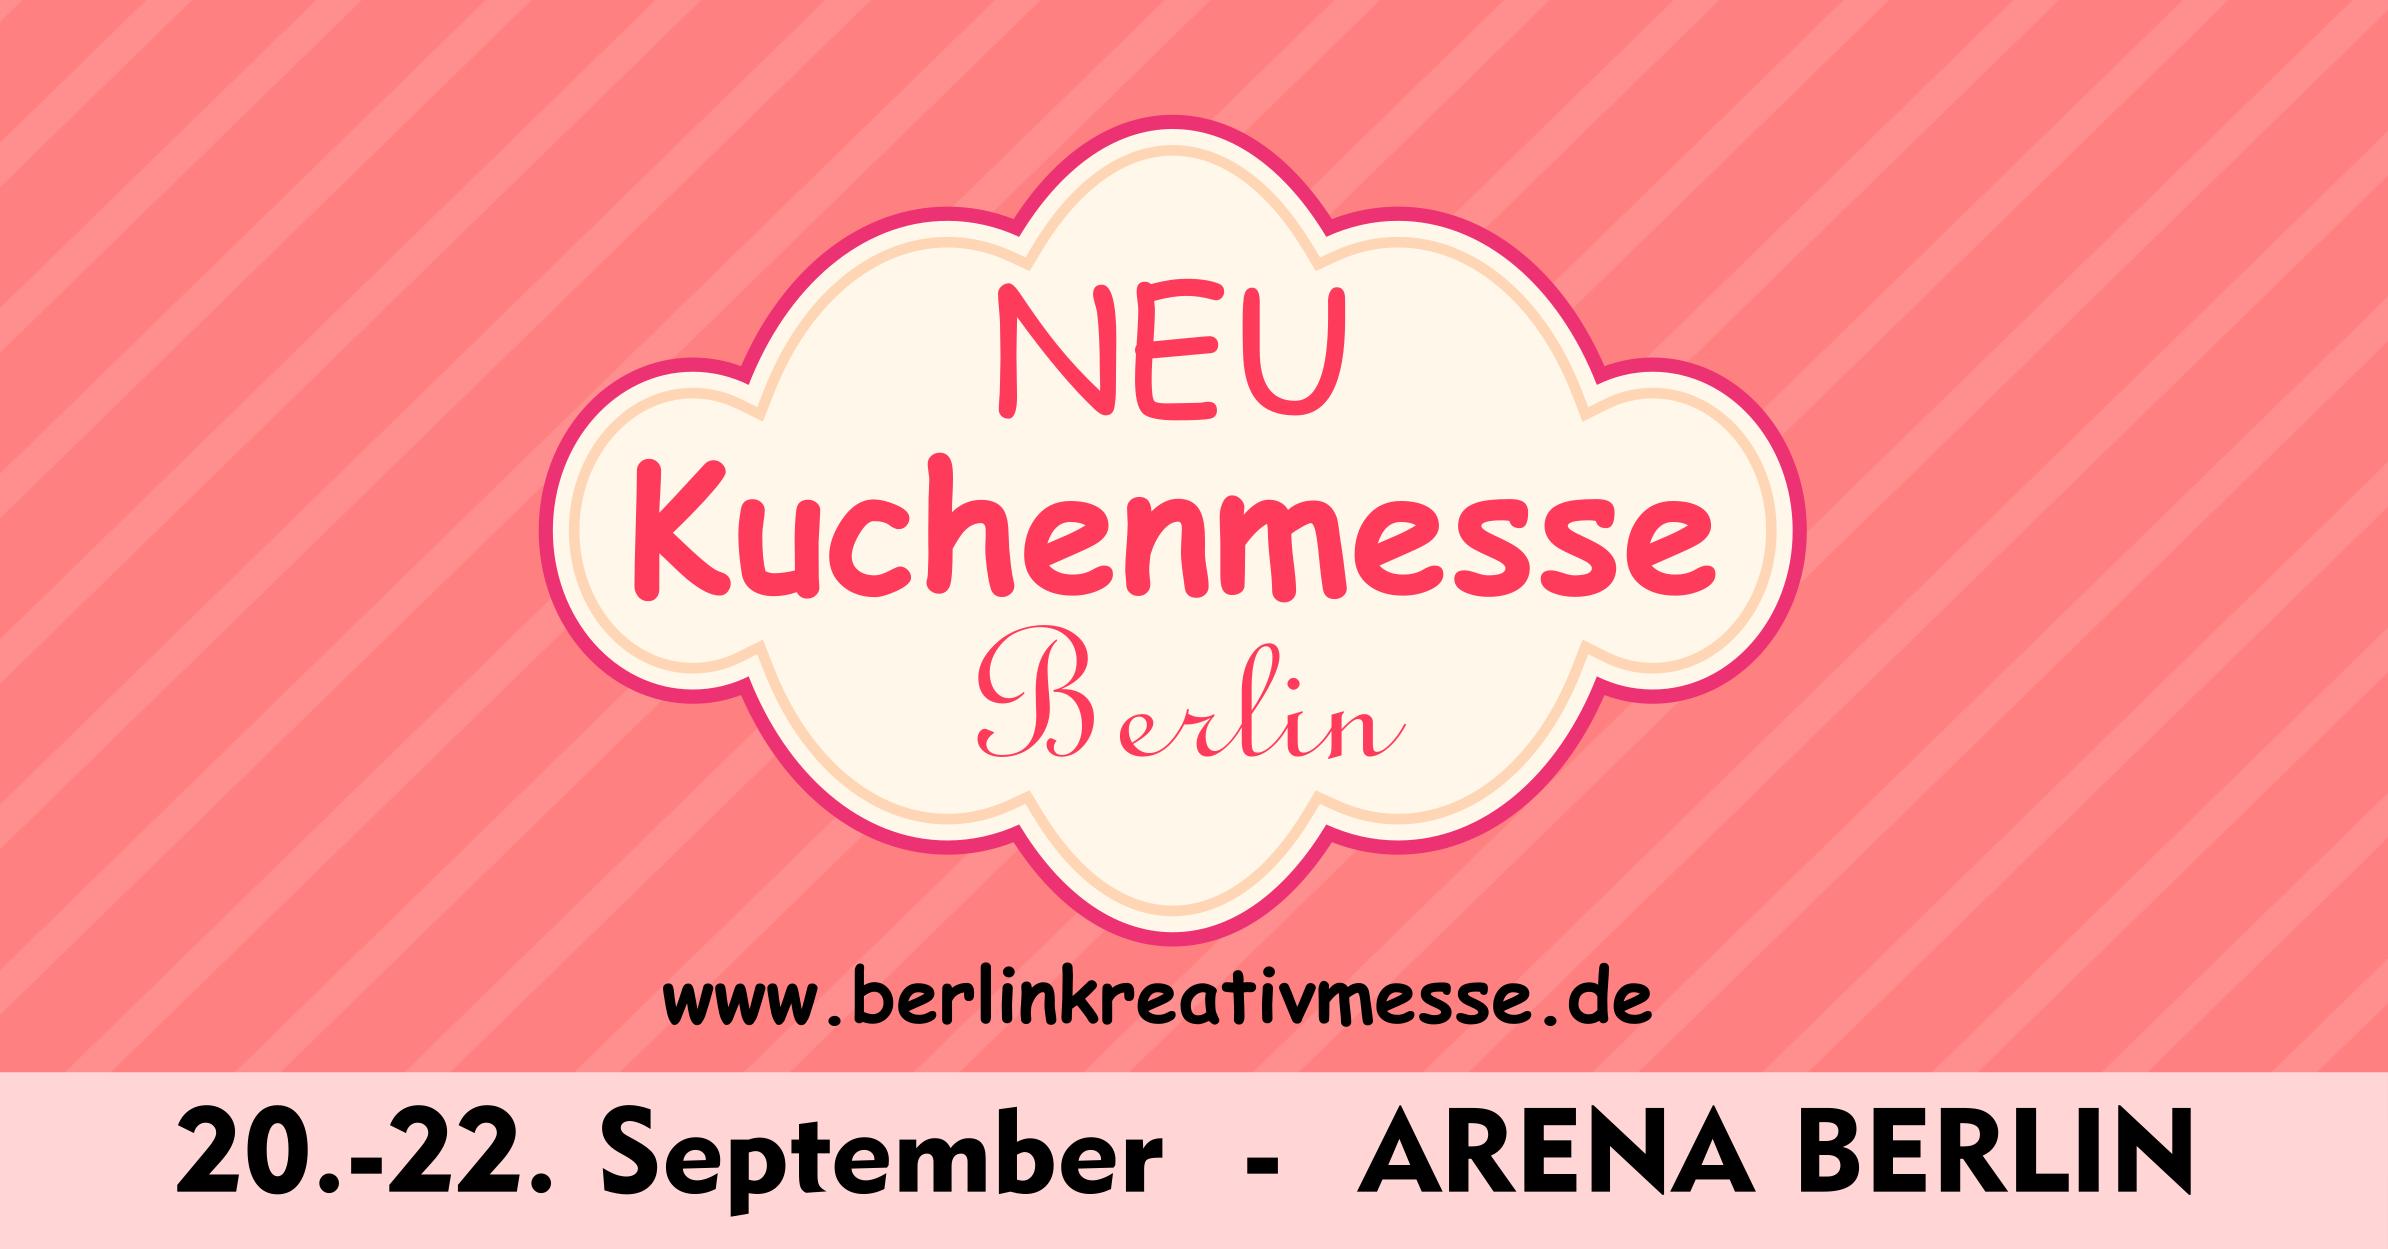 Kuchenmesse Berlin